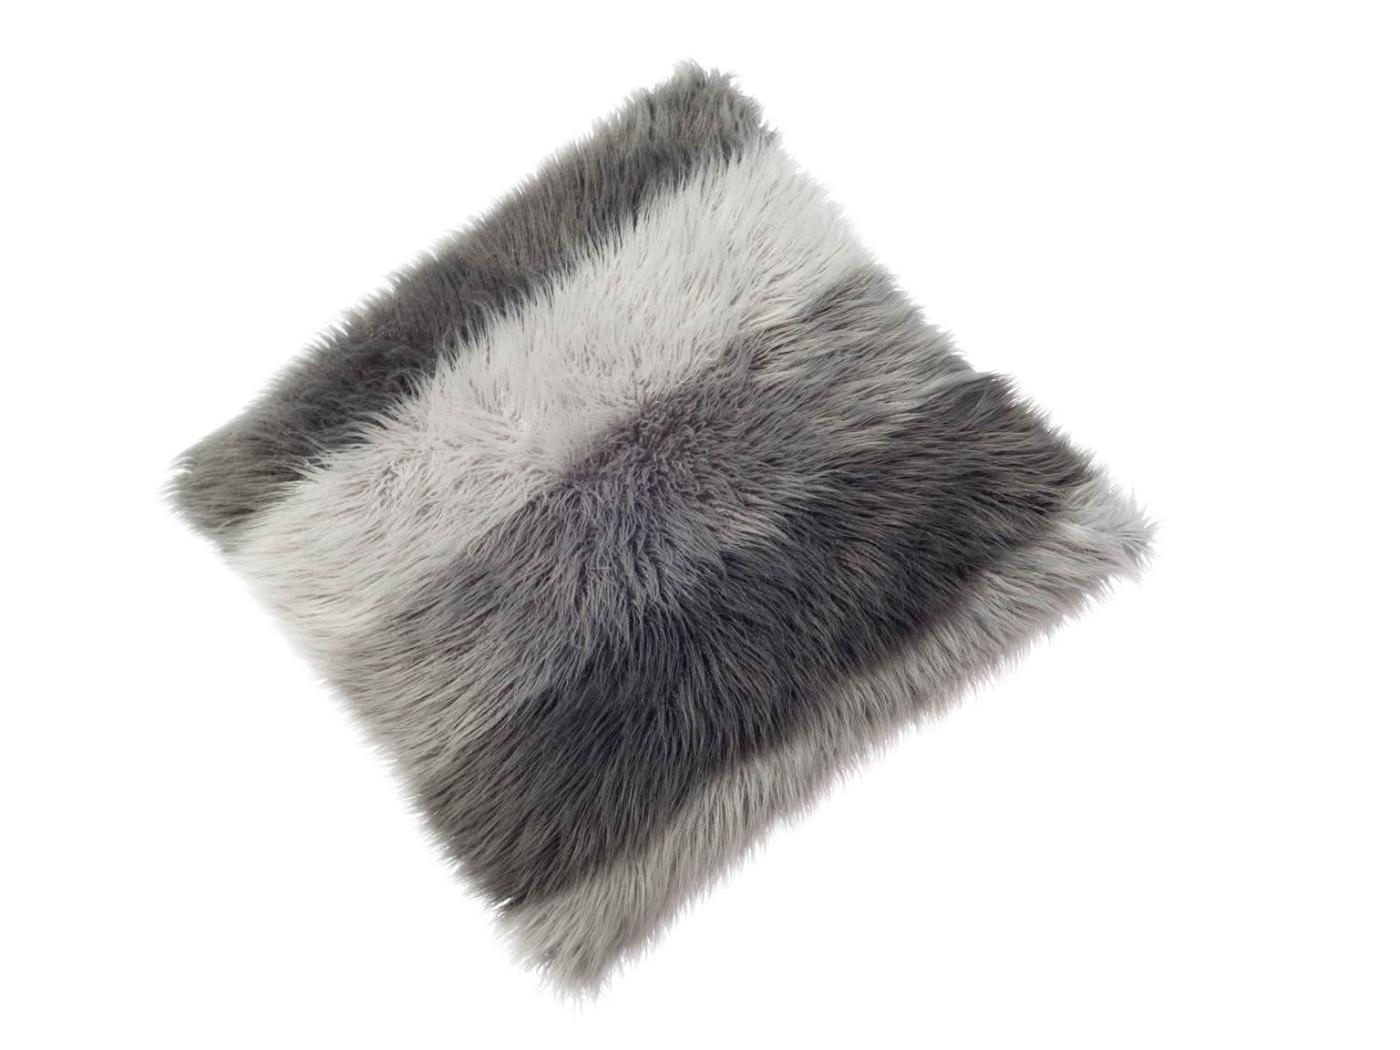 neve-cushion-b0-1536x1152.jpg